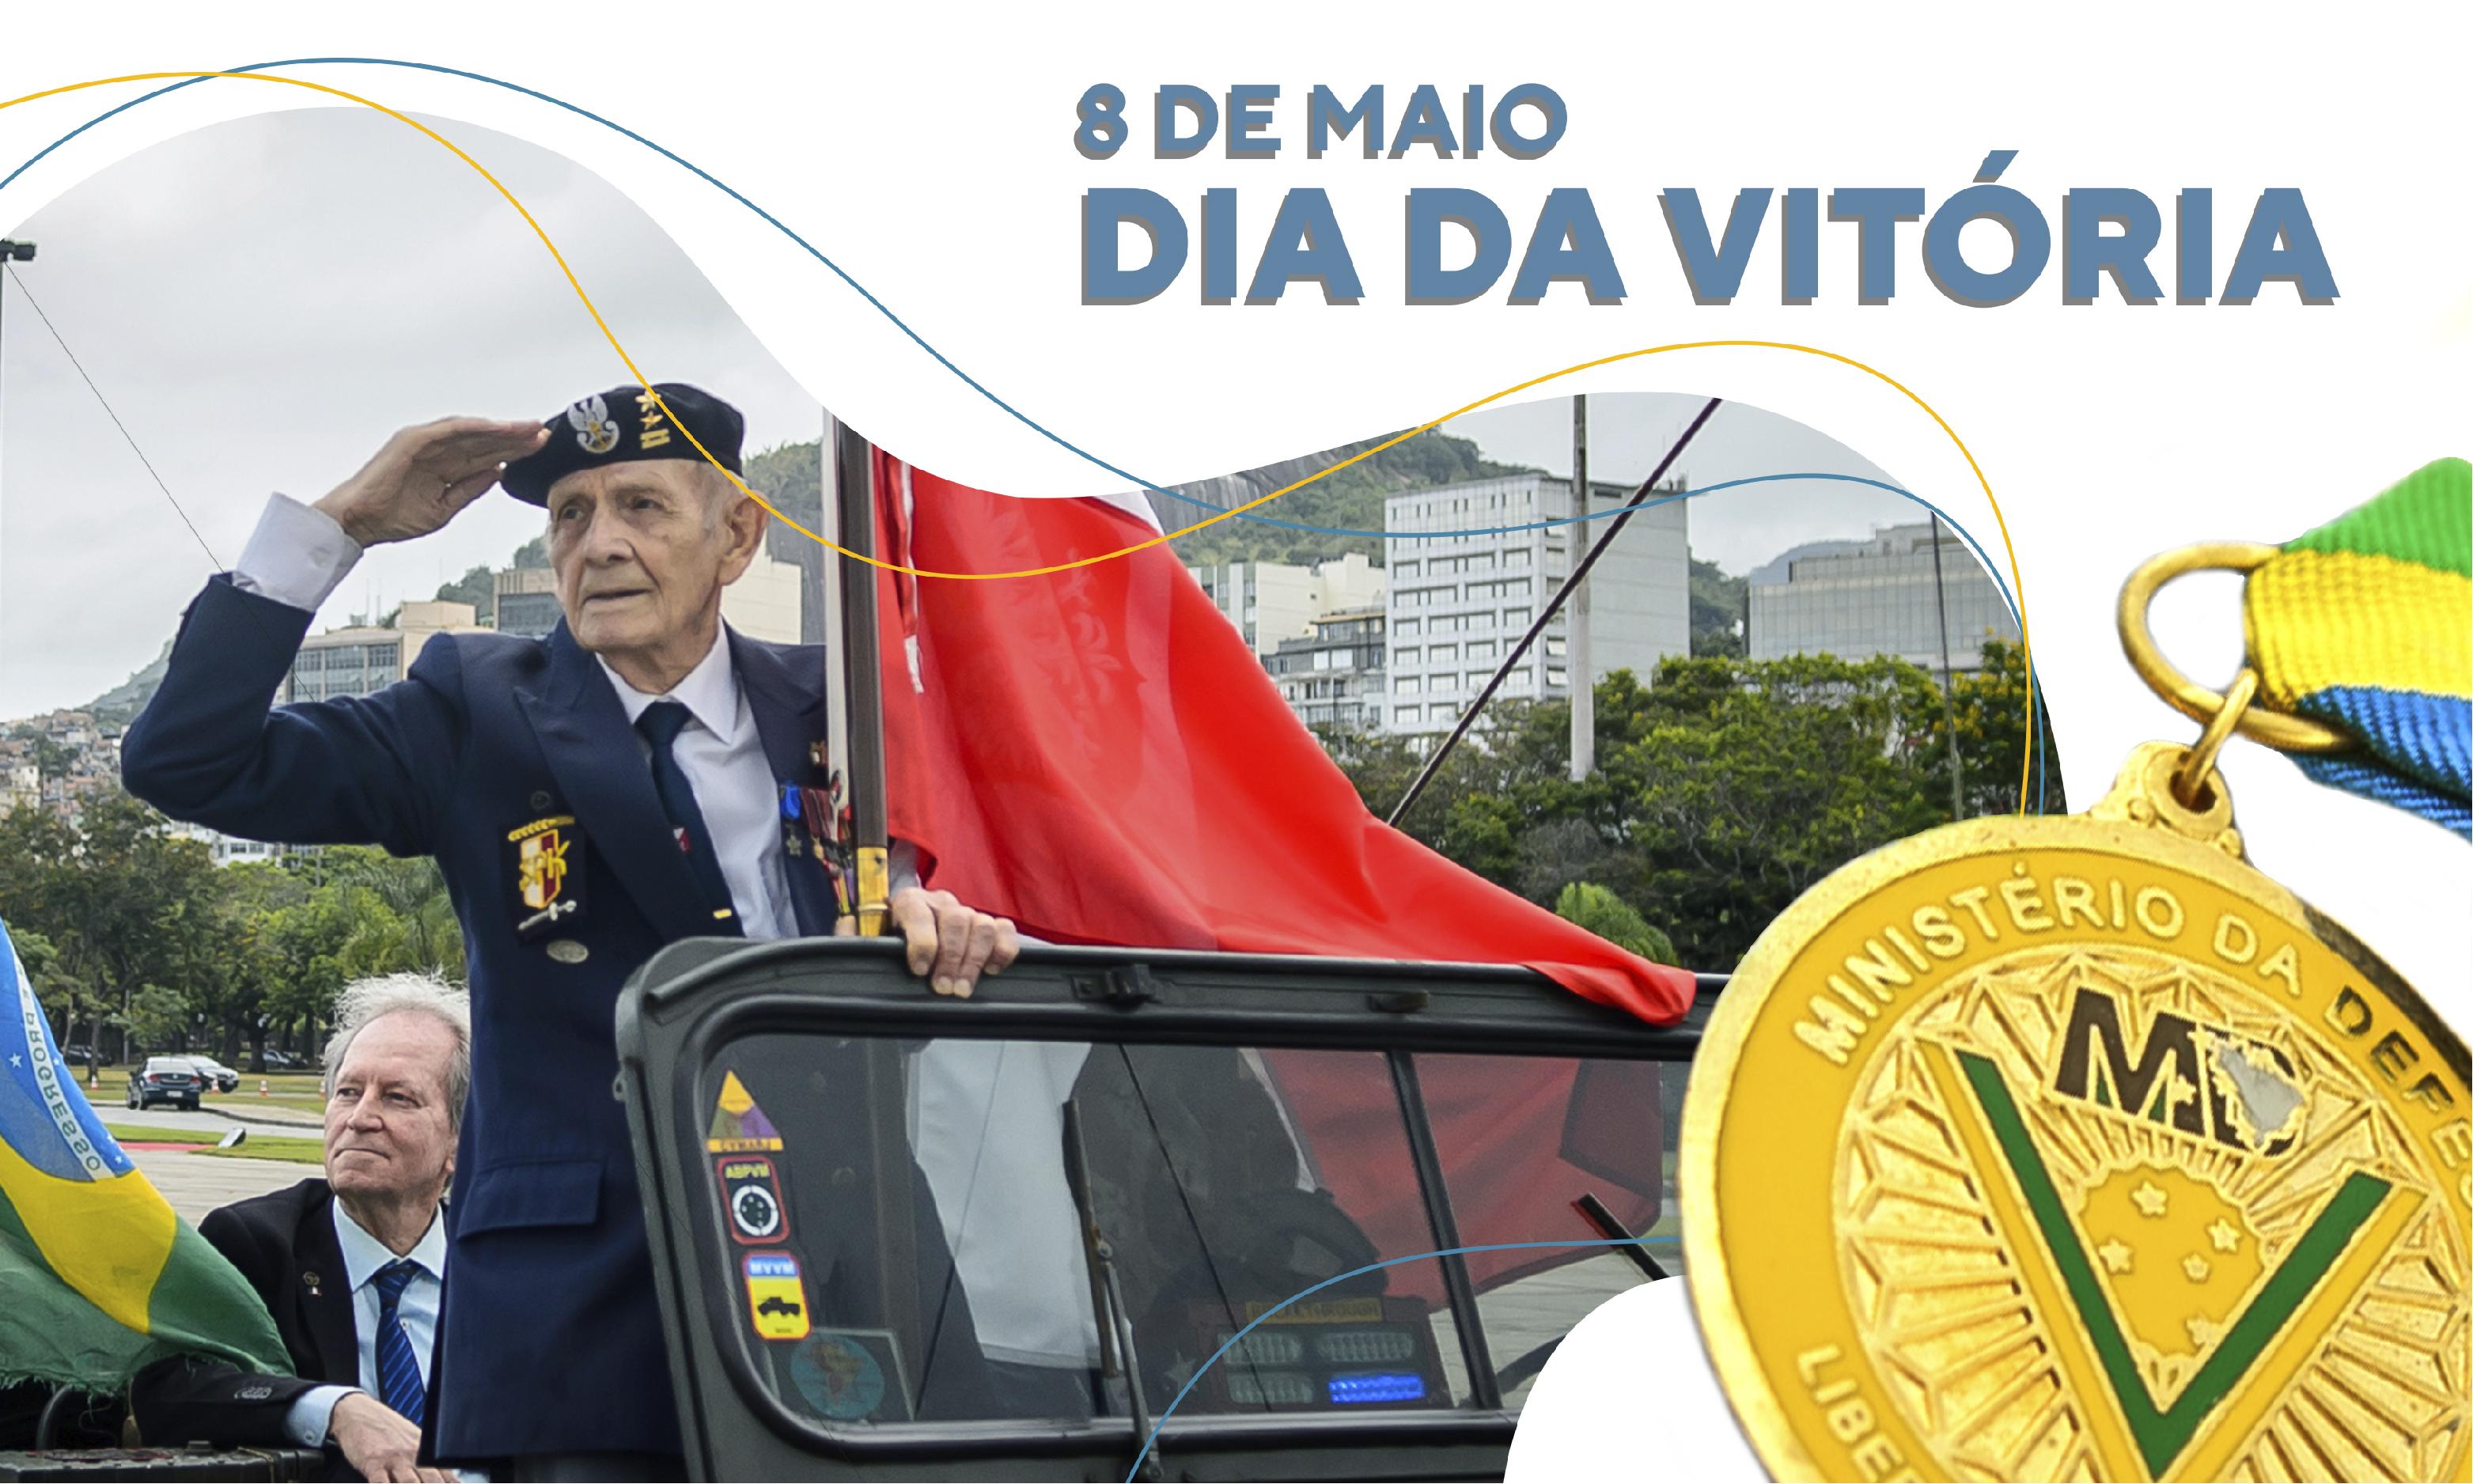 Dia da Vitória homenageia quem contribui com a missão do Ministério da Defesa